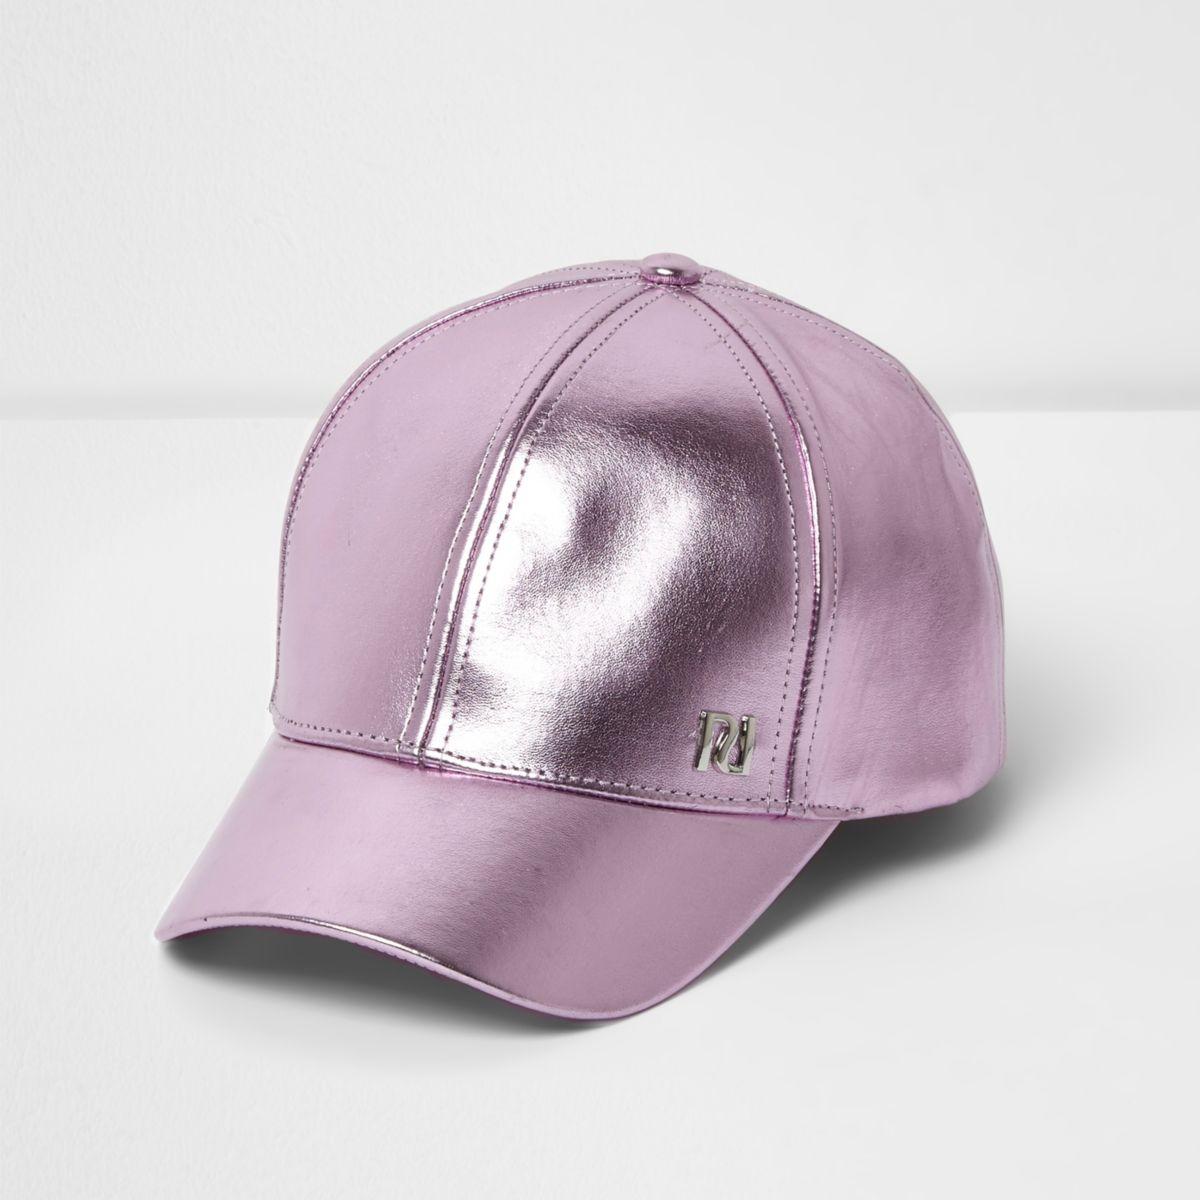 Casquette de baseball violet clair métallisé pour fille